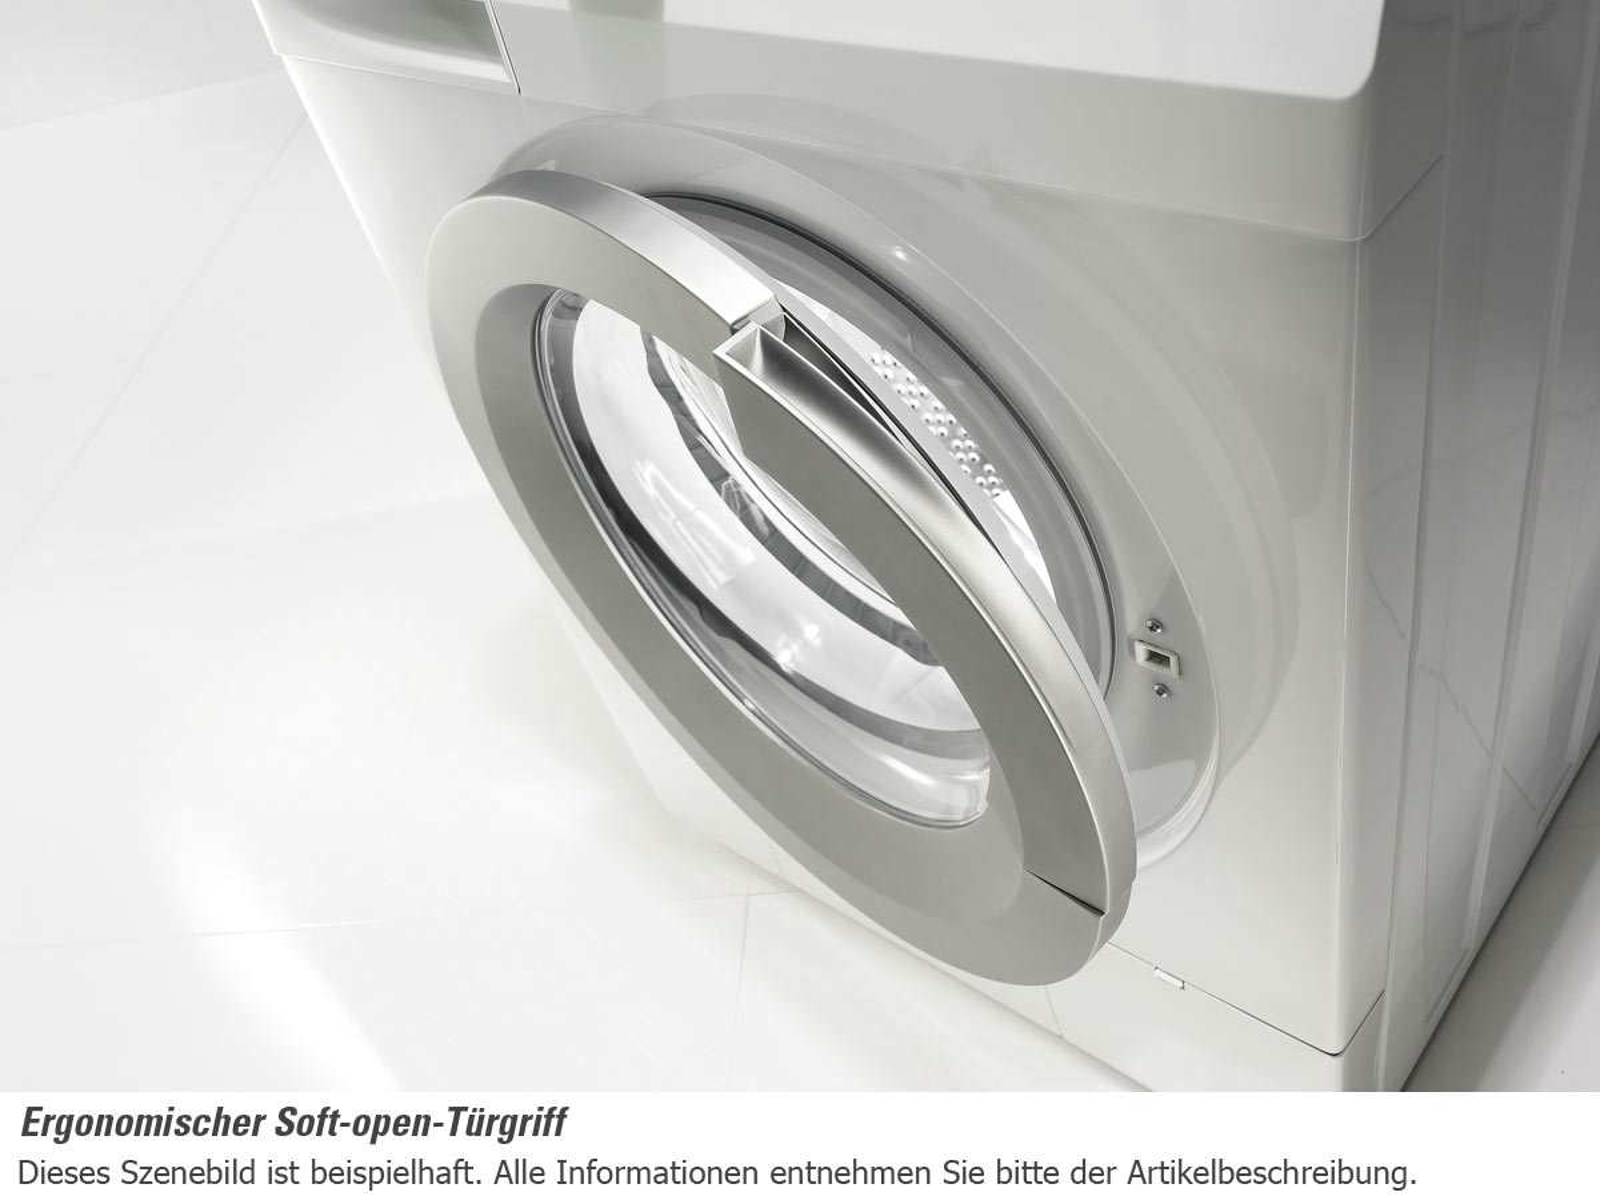 Gorenje Wa 6840 Waschmaschine Weiß